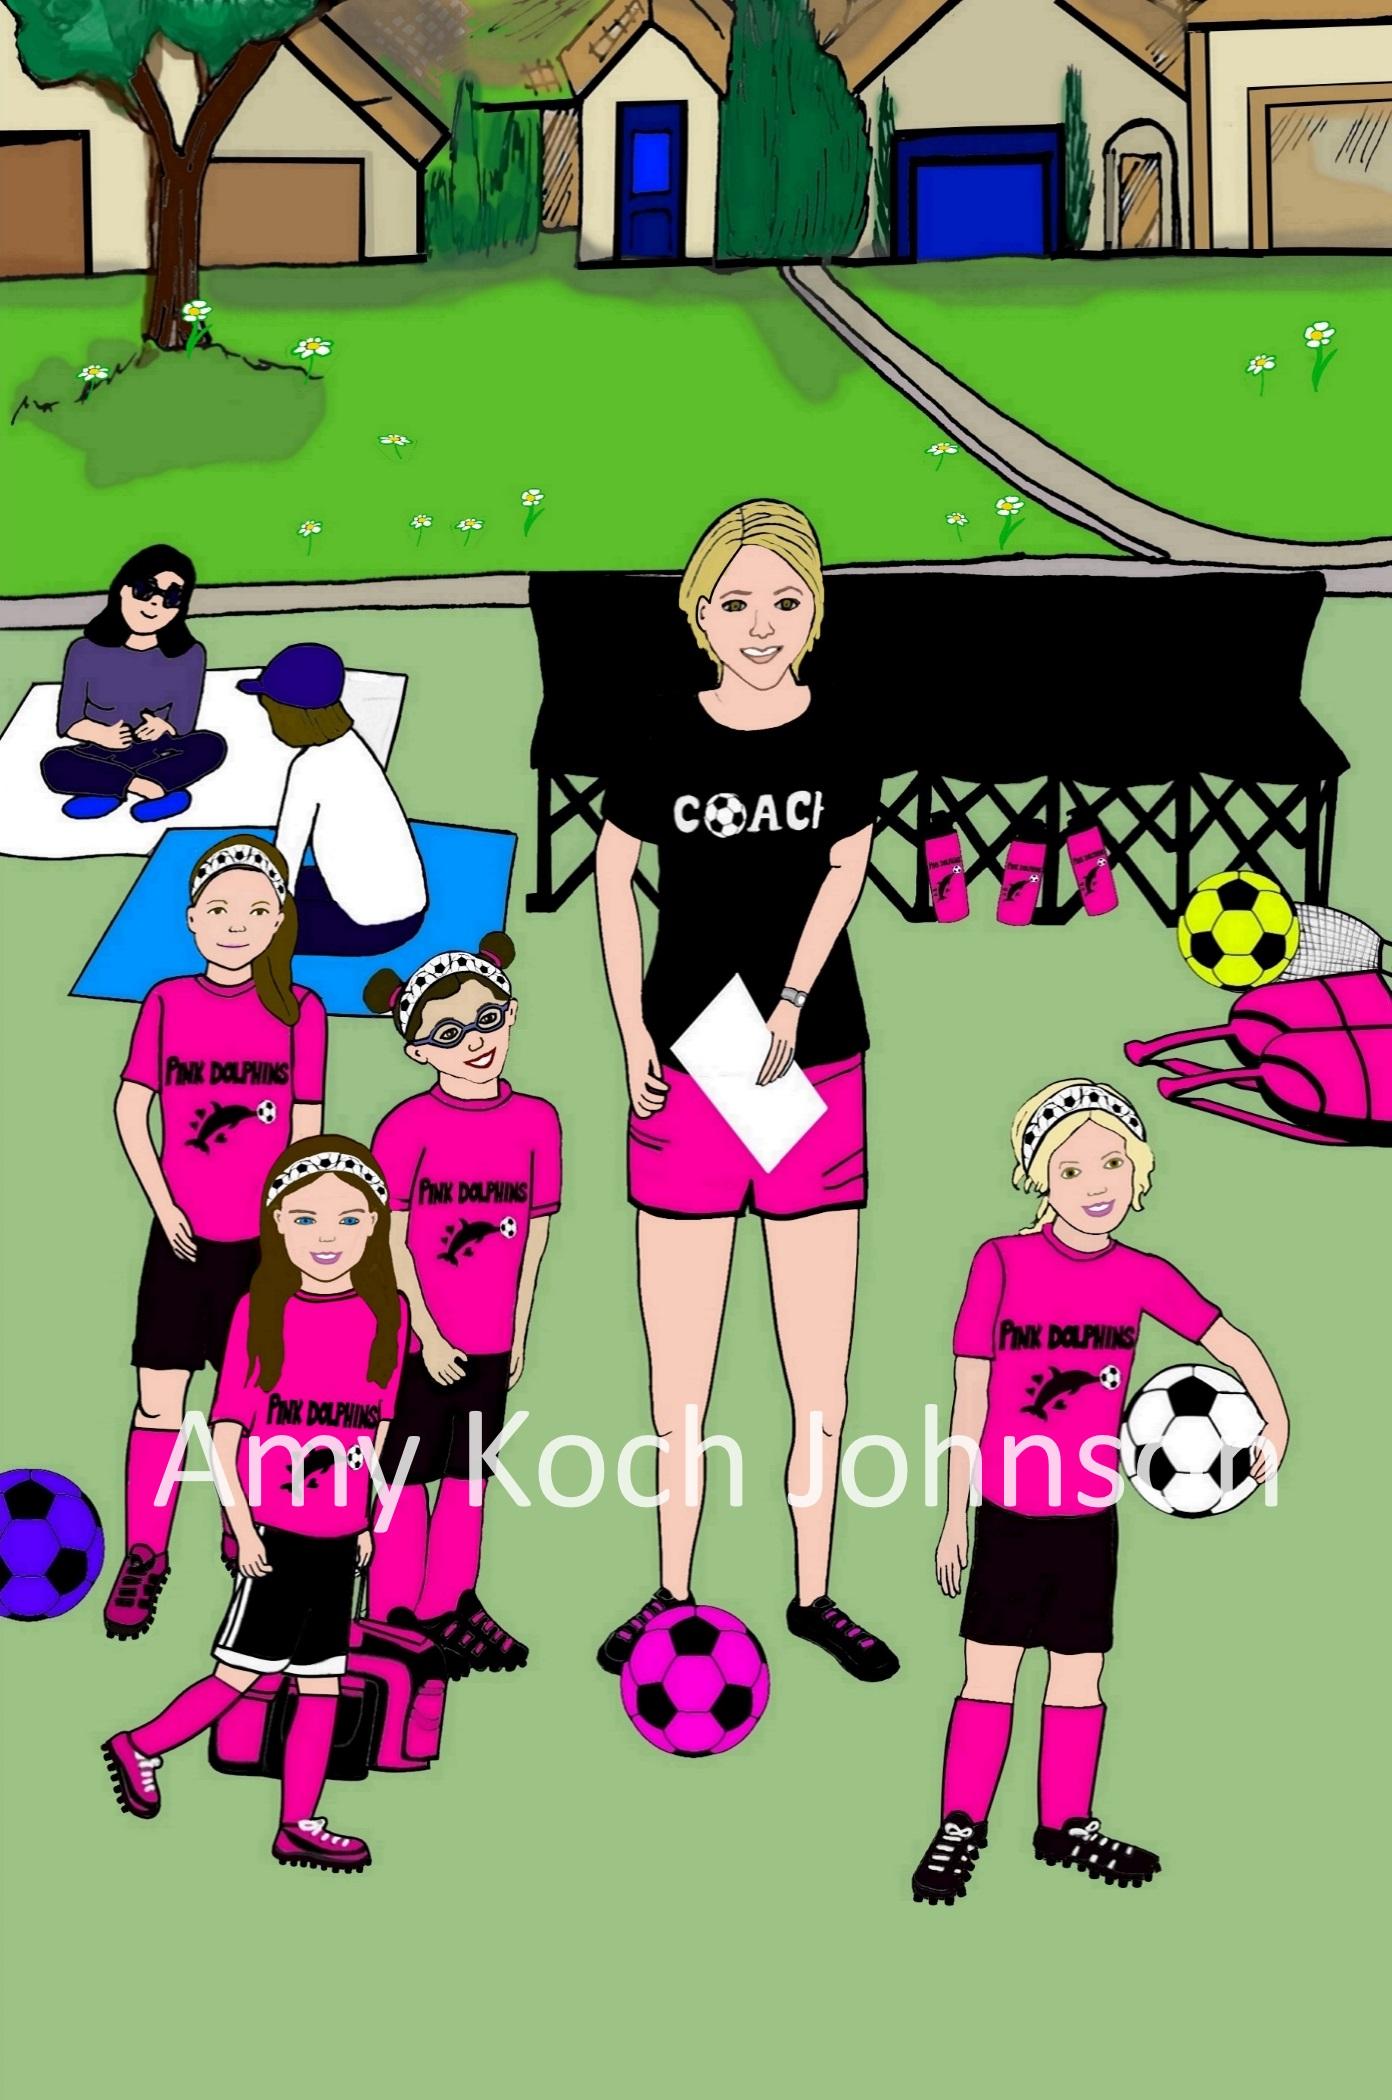 soccer2ktoshow